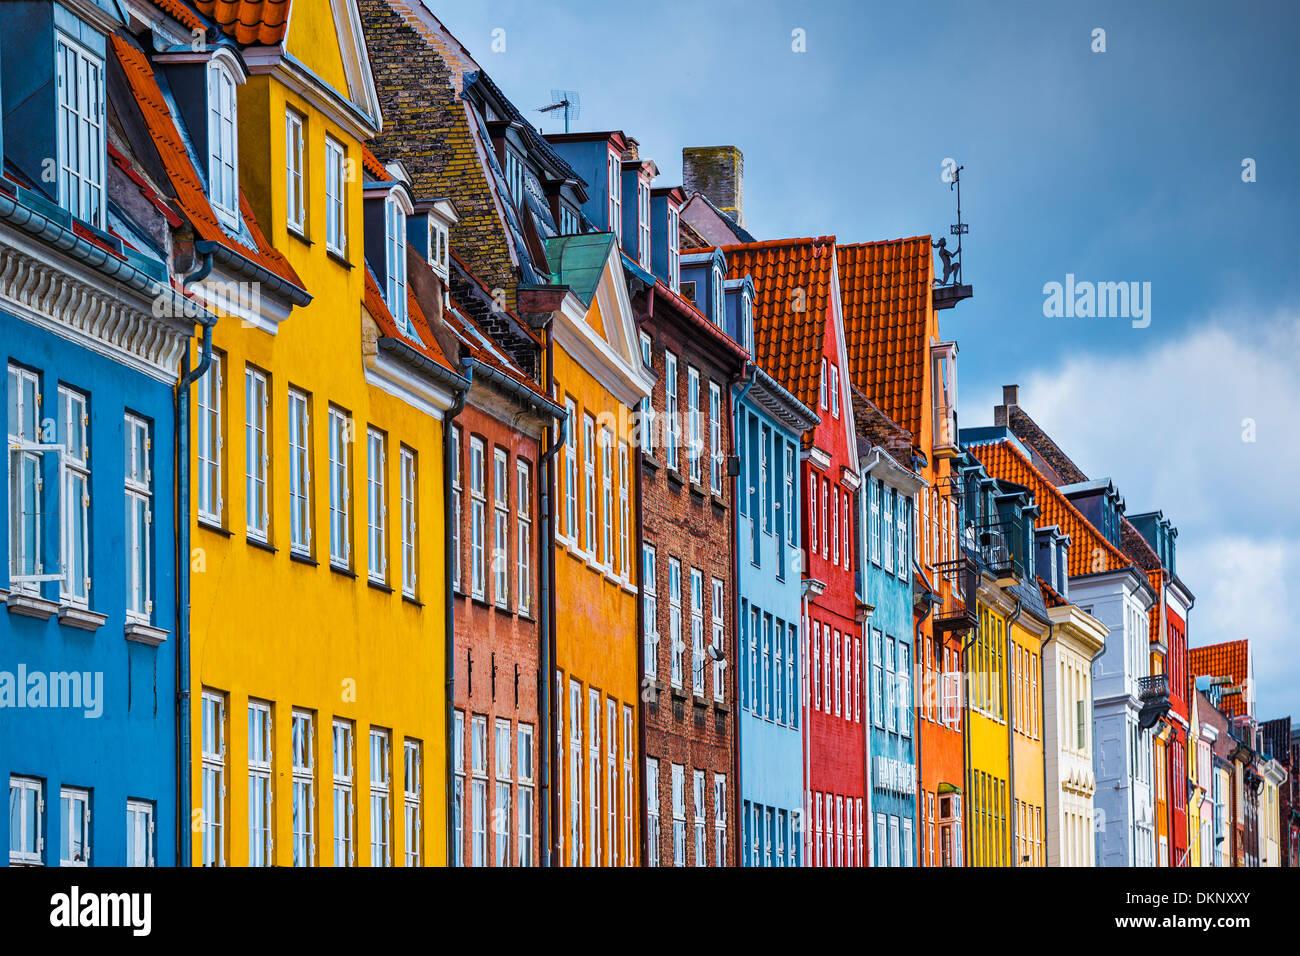 Nyhavn buildings in Copenhagen, Denmark. - Stock Image